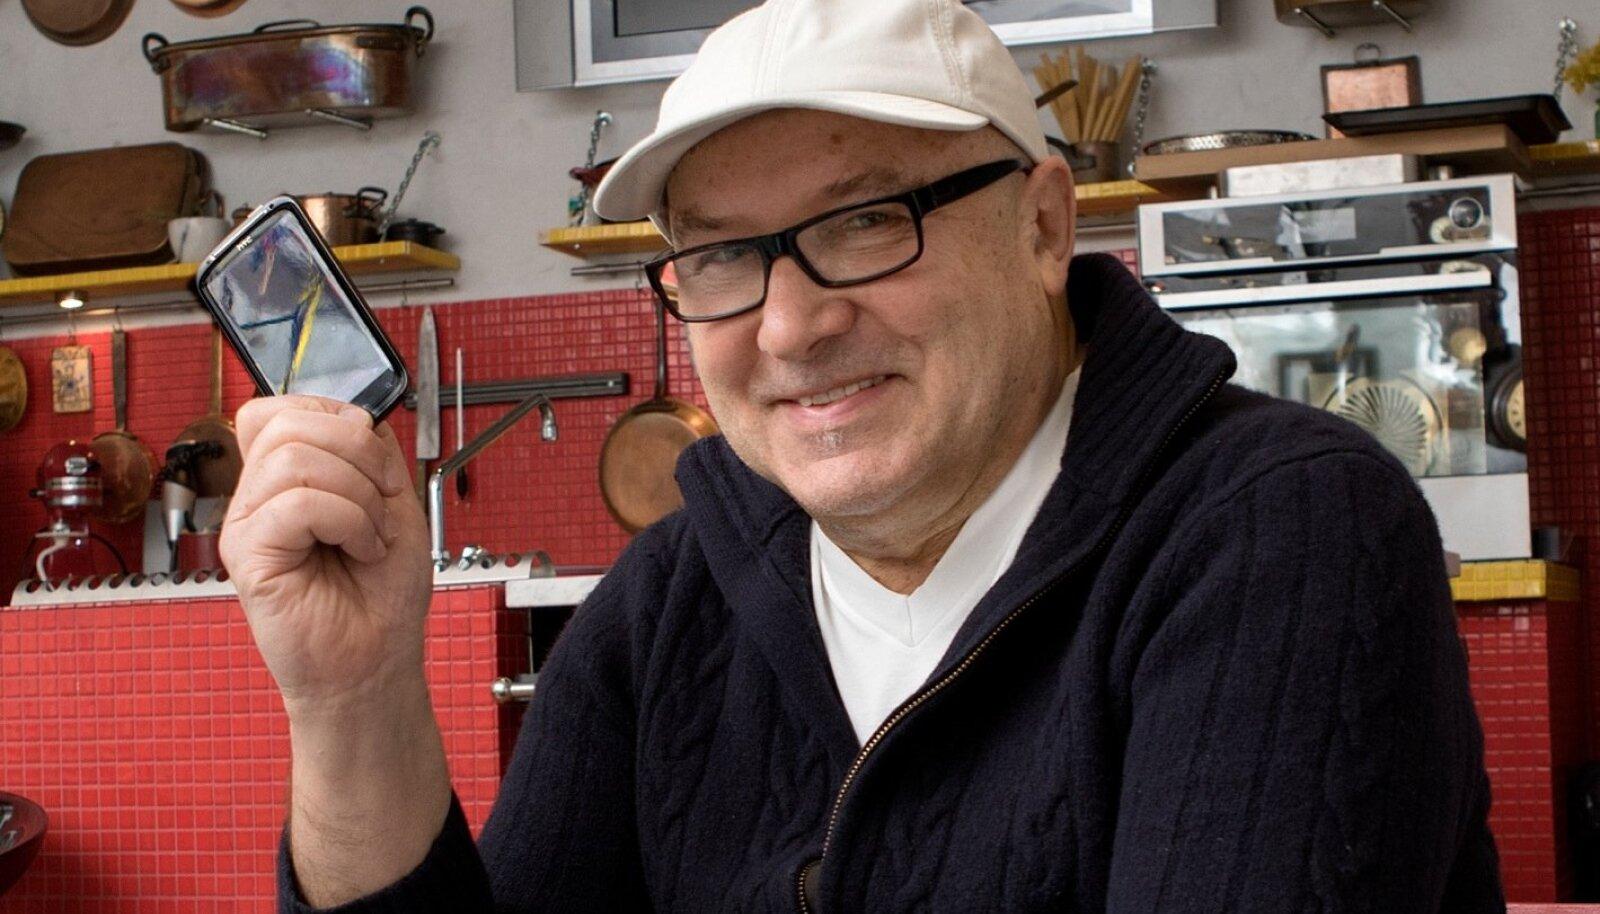 Tippkokk Dimitri Demjanov ütleb, et tegelikult ei kujutaks ta oma elu telefonita enam ettegi. Elutempo on läinud nii kiireks, et ärimaailmas enam vanal moel asju ajada ei saa.